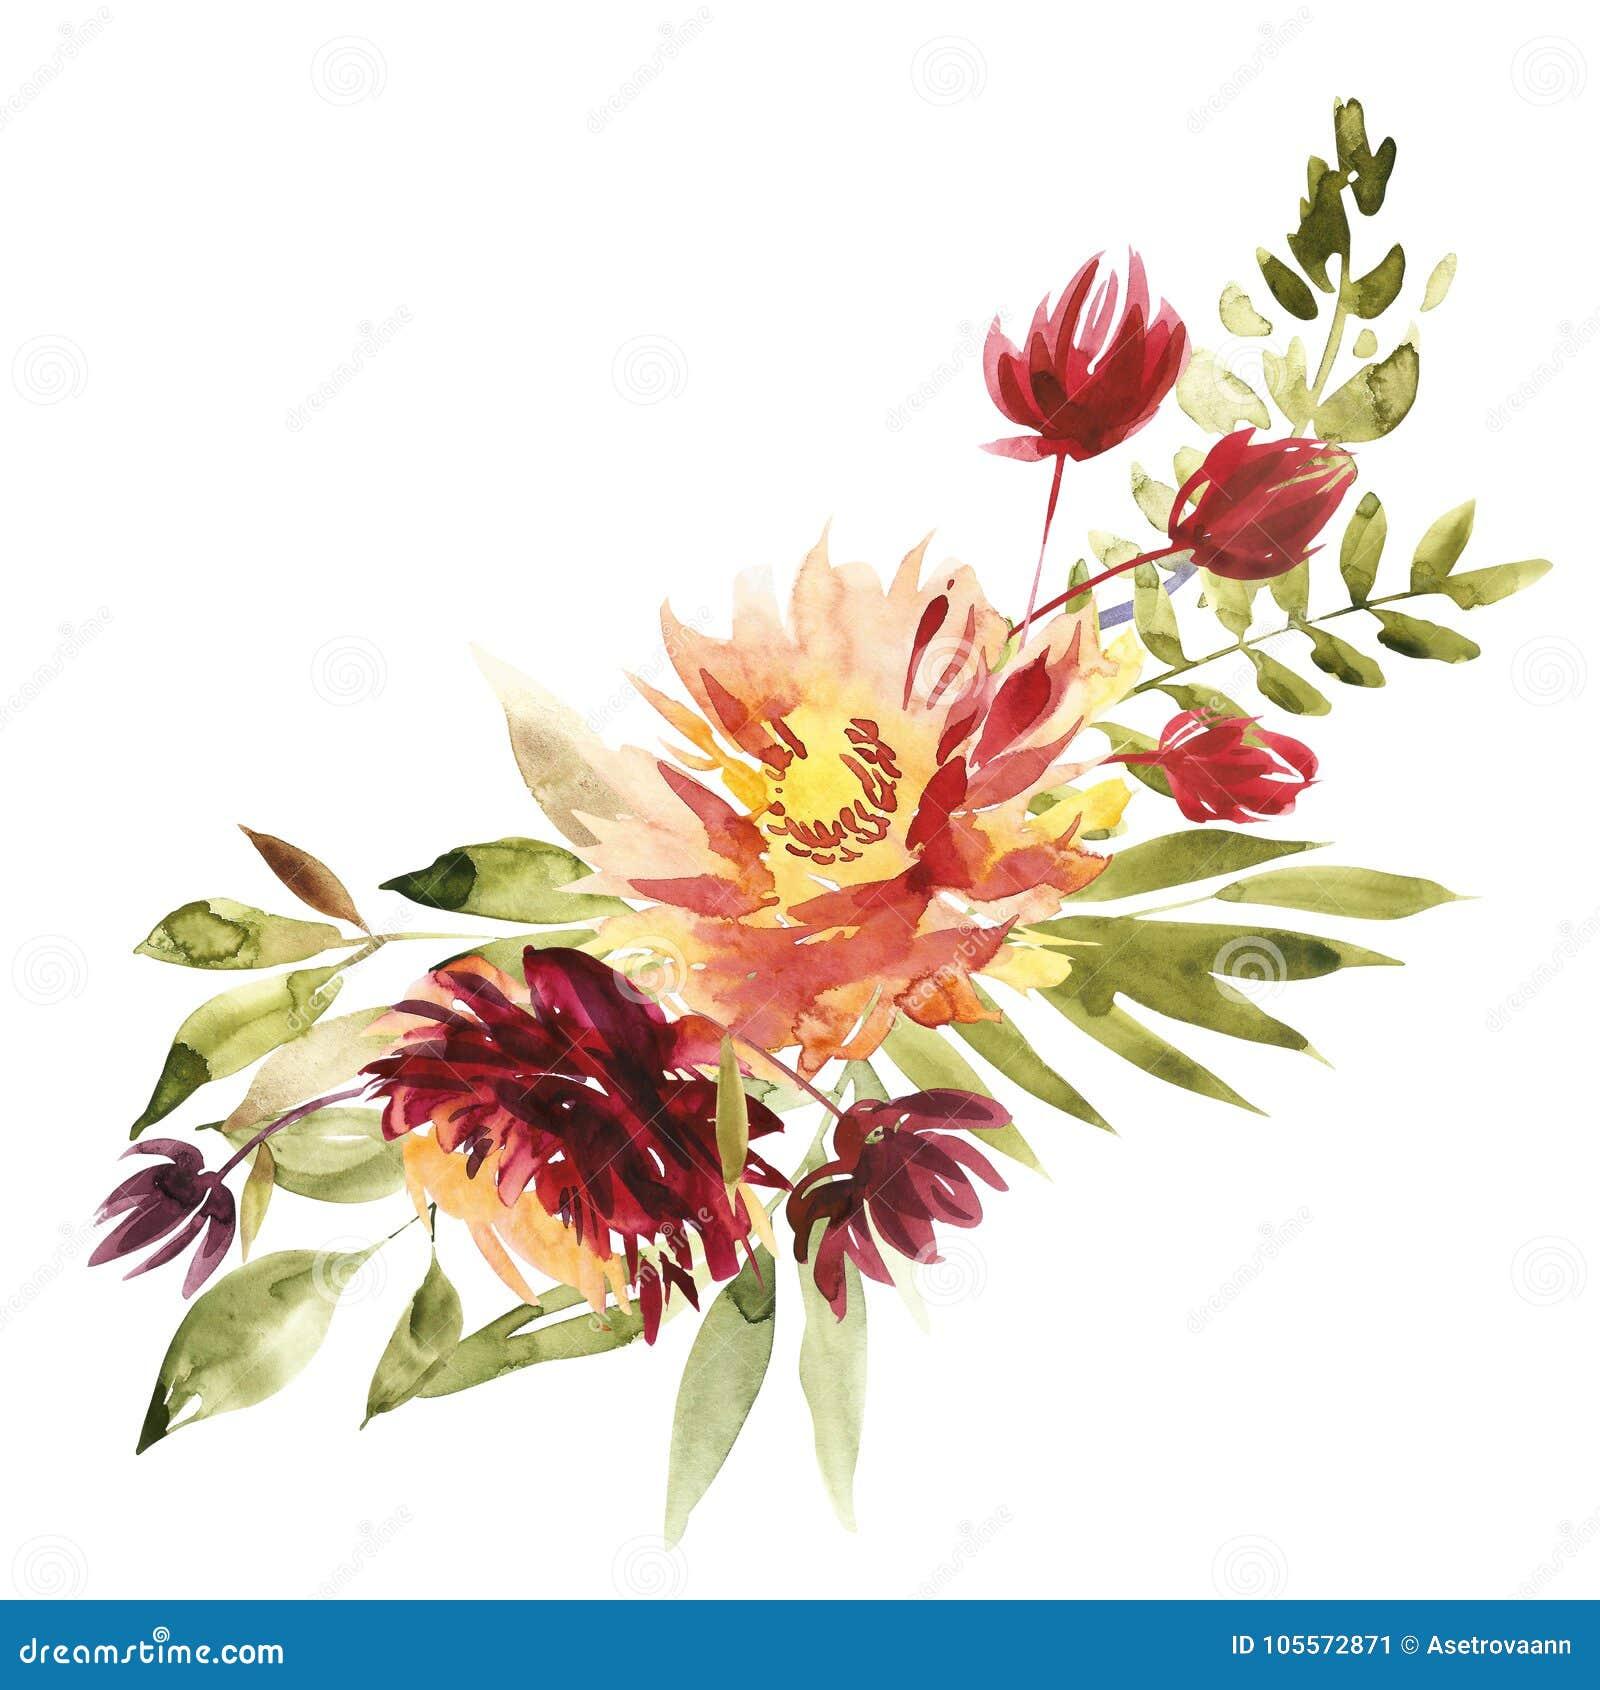 fleurit l 39 illustration d 39 aquarelle un bouquet avec une grande pivoine rouge et de petites fleurs. Black Bedroom Furniture Sets. Home Design Ideas